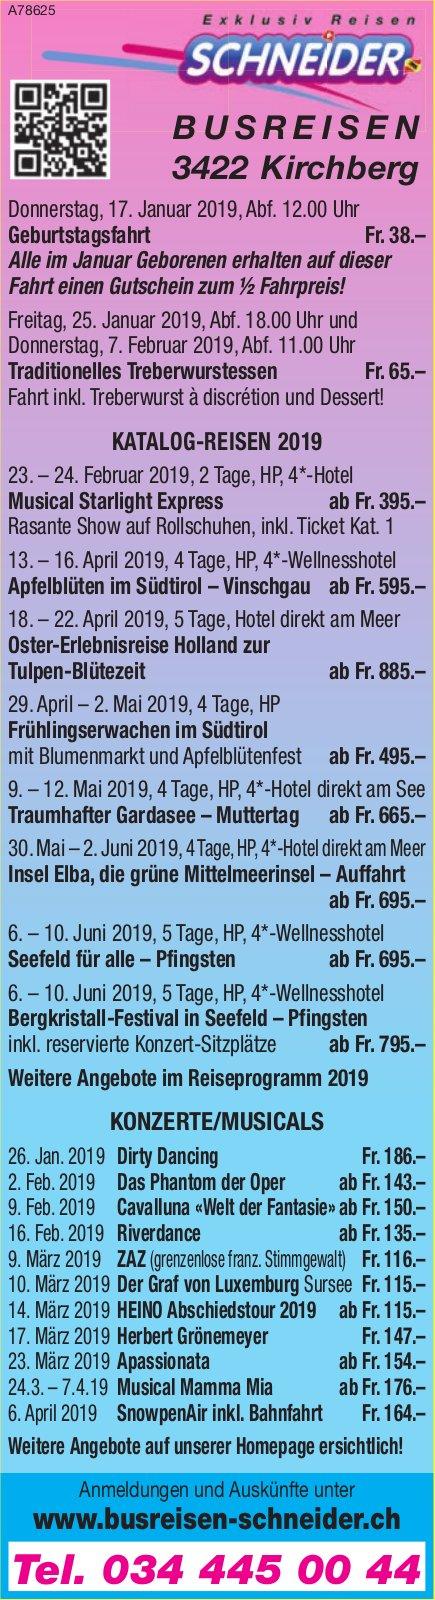 Busreisen Schneider Kirchberg - Programm & Events